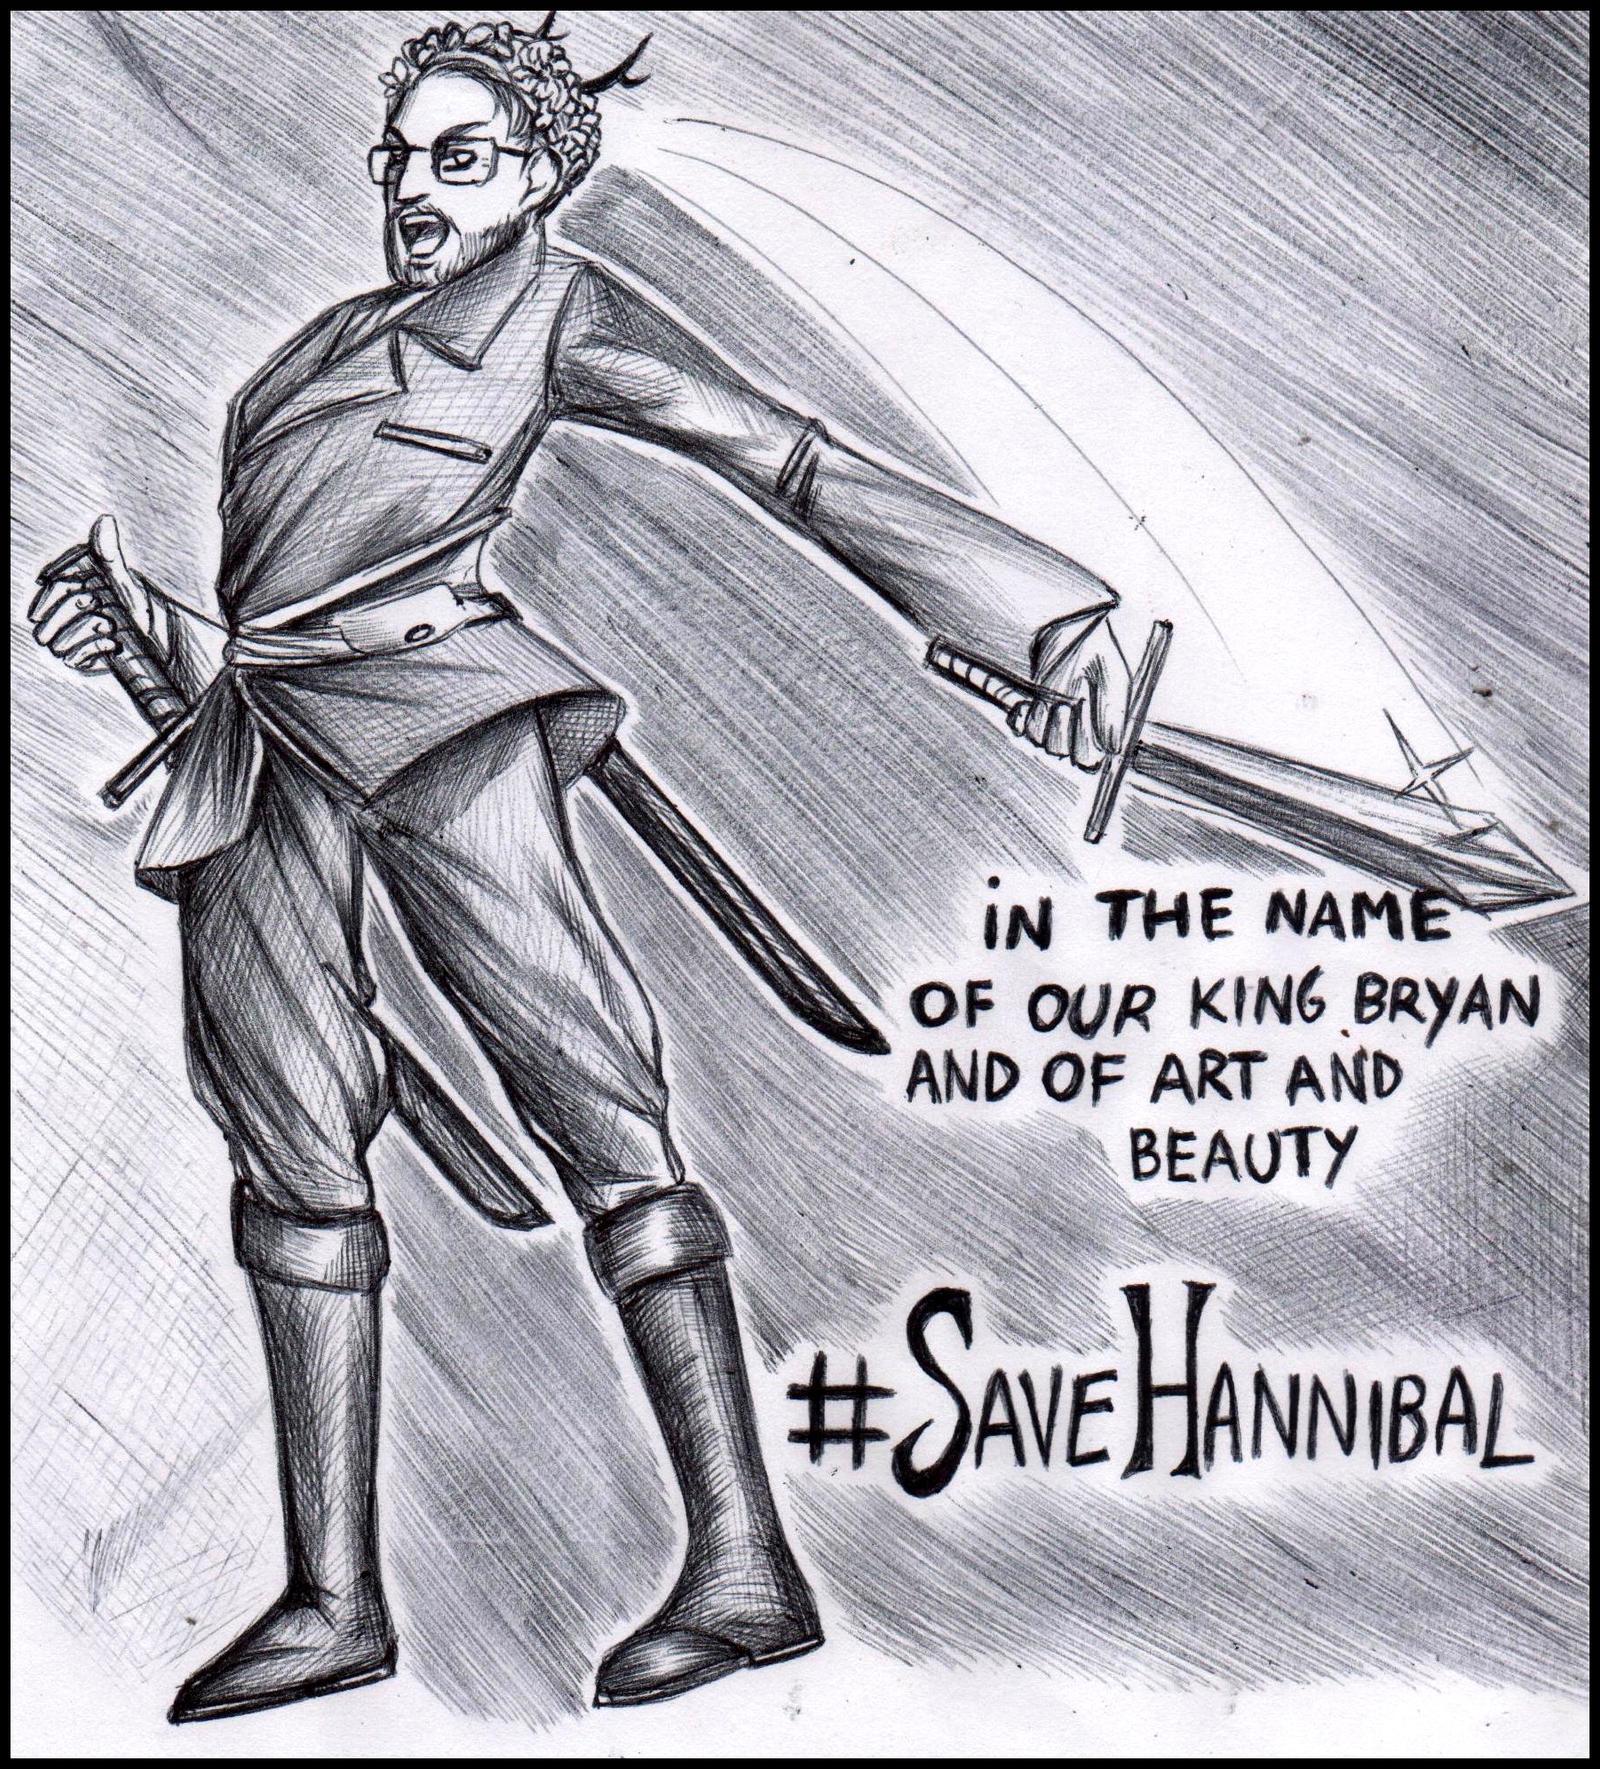 https://twitter.com/HannibalArt/status/613364510502584320